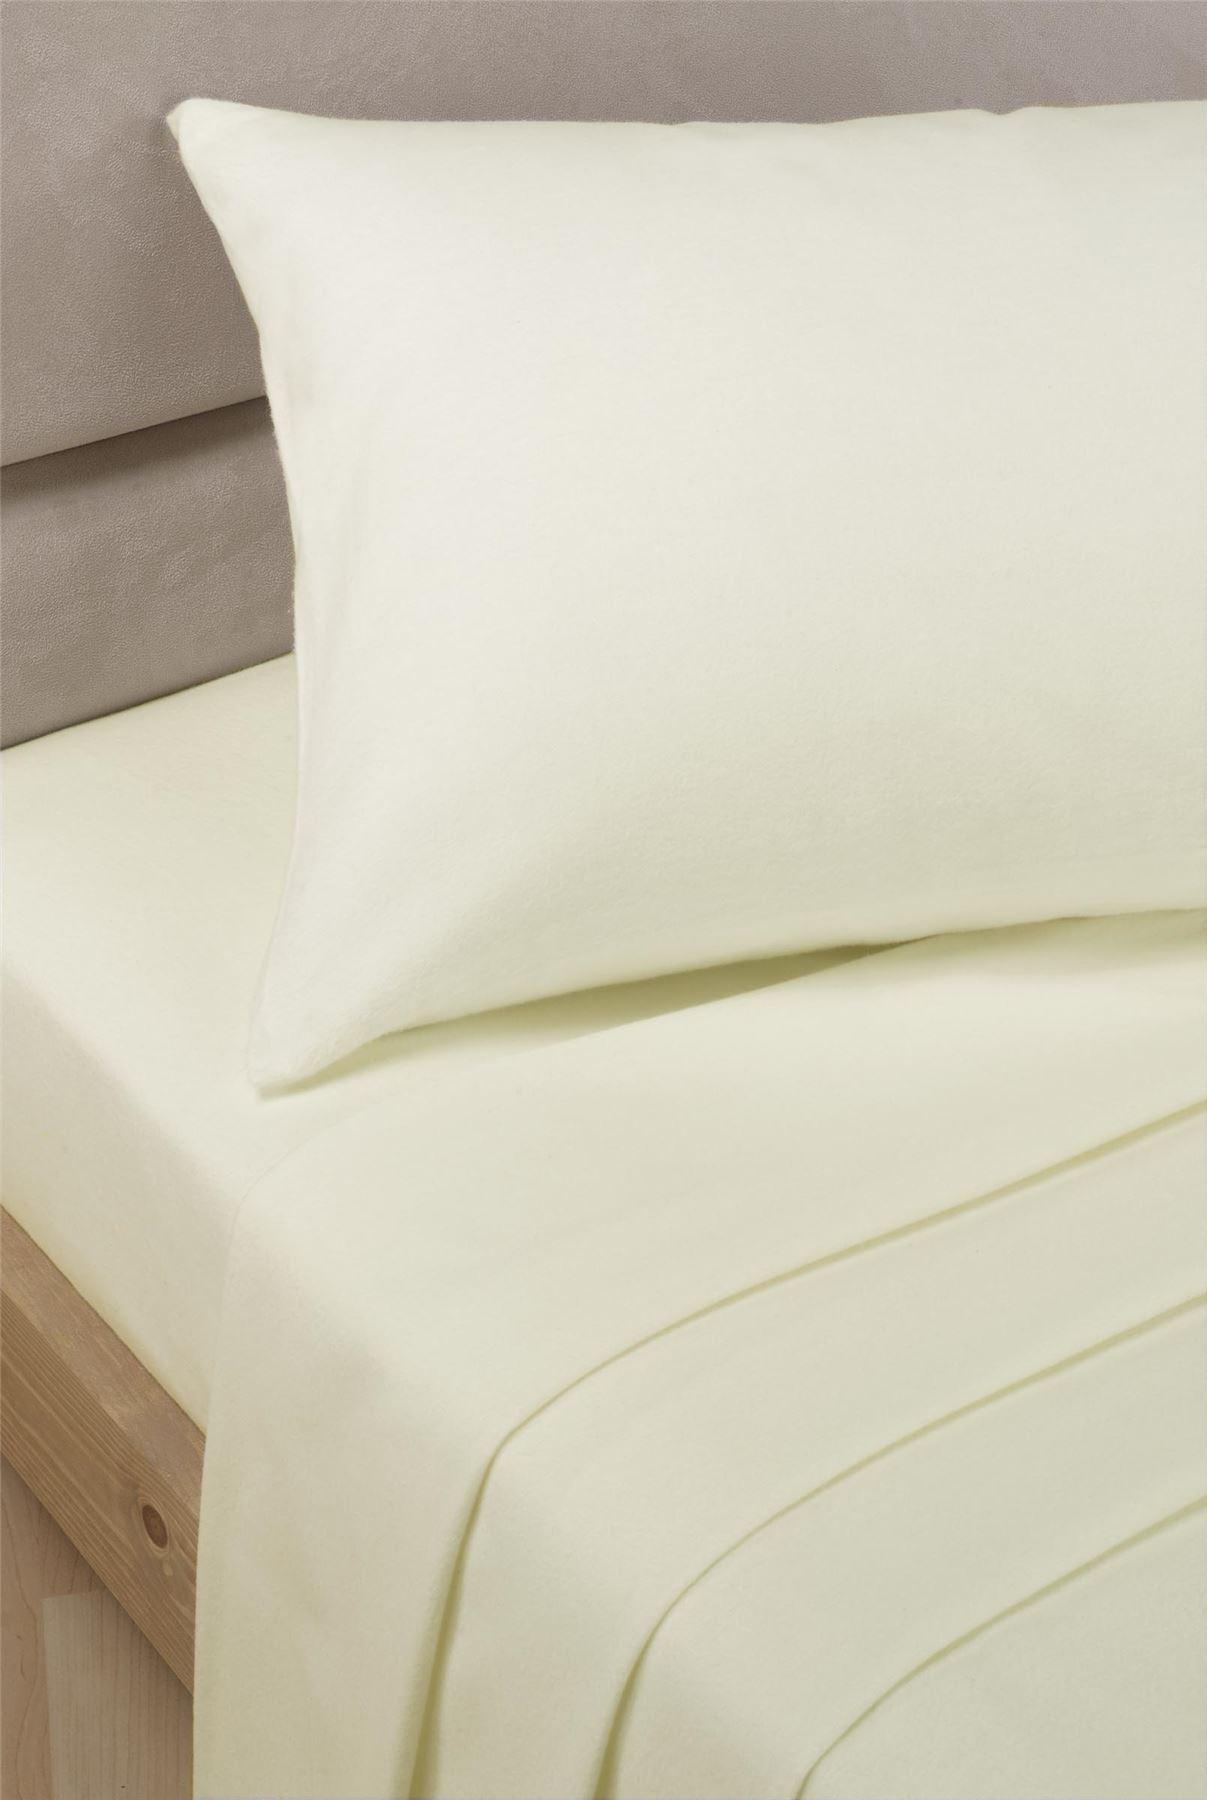 bunk bed size caravan campervan fitted sheet 2ft 6 76cm x 190cm small bed ebay. Black Bedroom Furniture Sets. Home Design Ideas